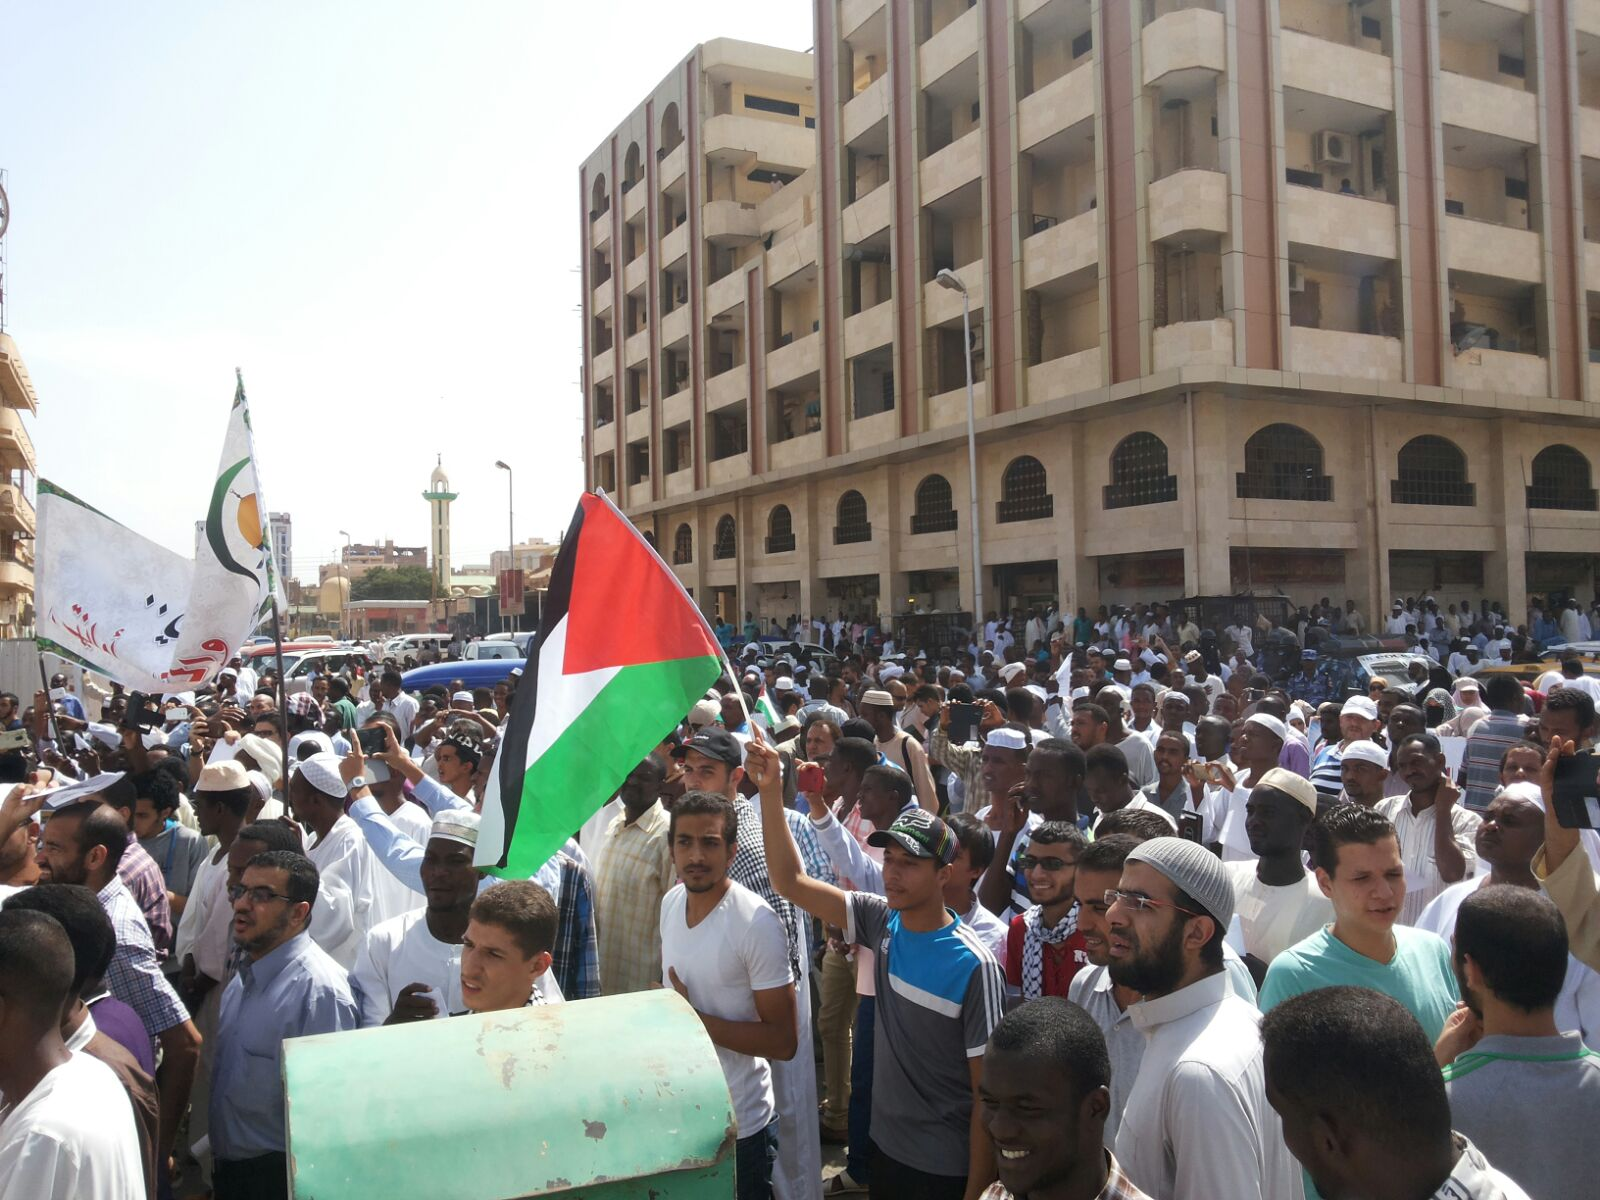 PELAJAR PALESTINA DAN MASYARAKAT SUDAN ADAKAN LONGMARCH BELA AL AQSHA